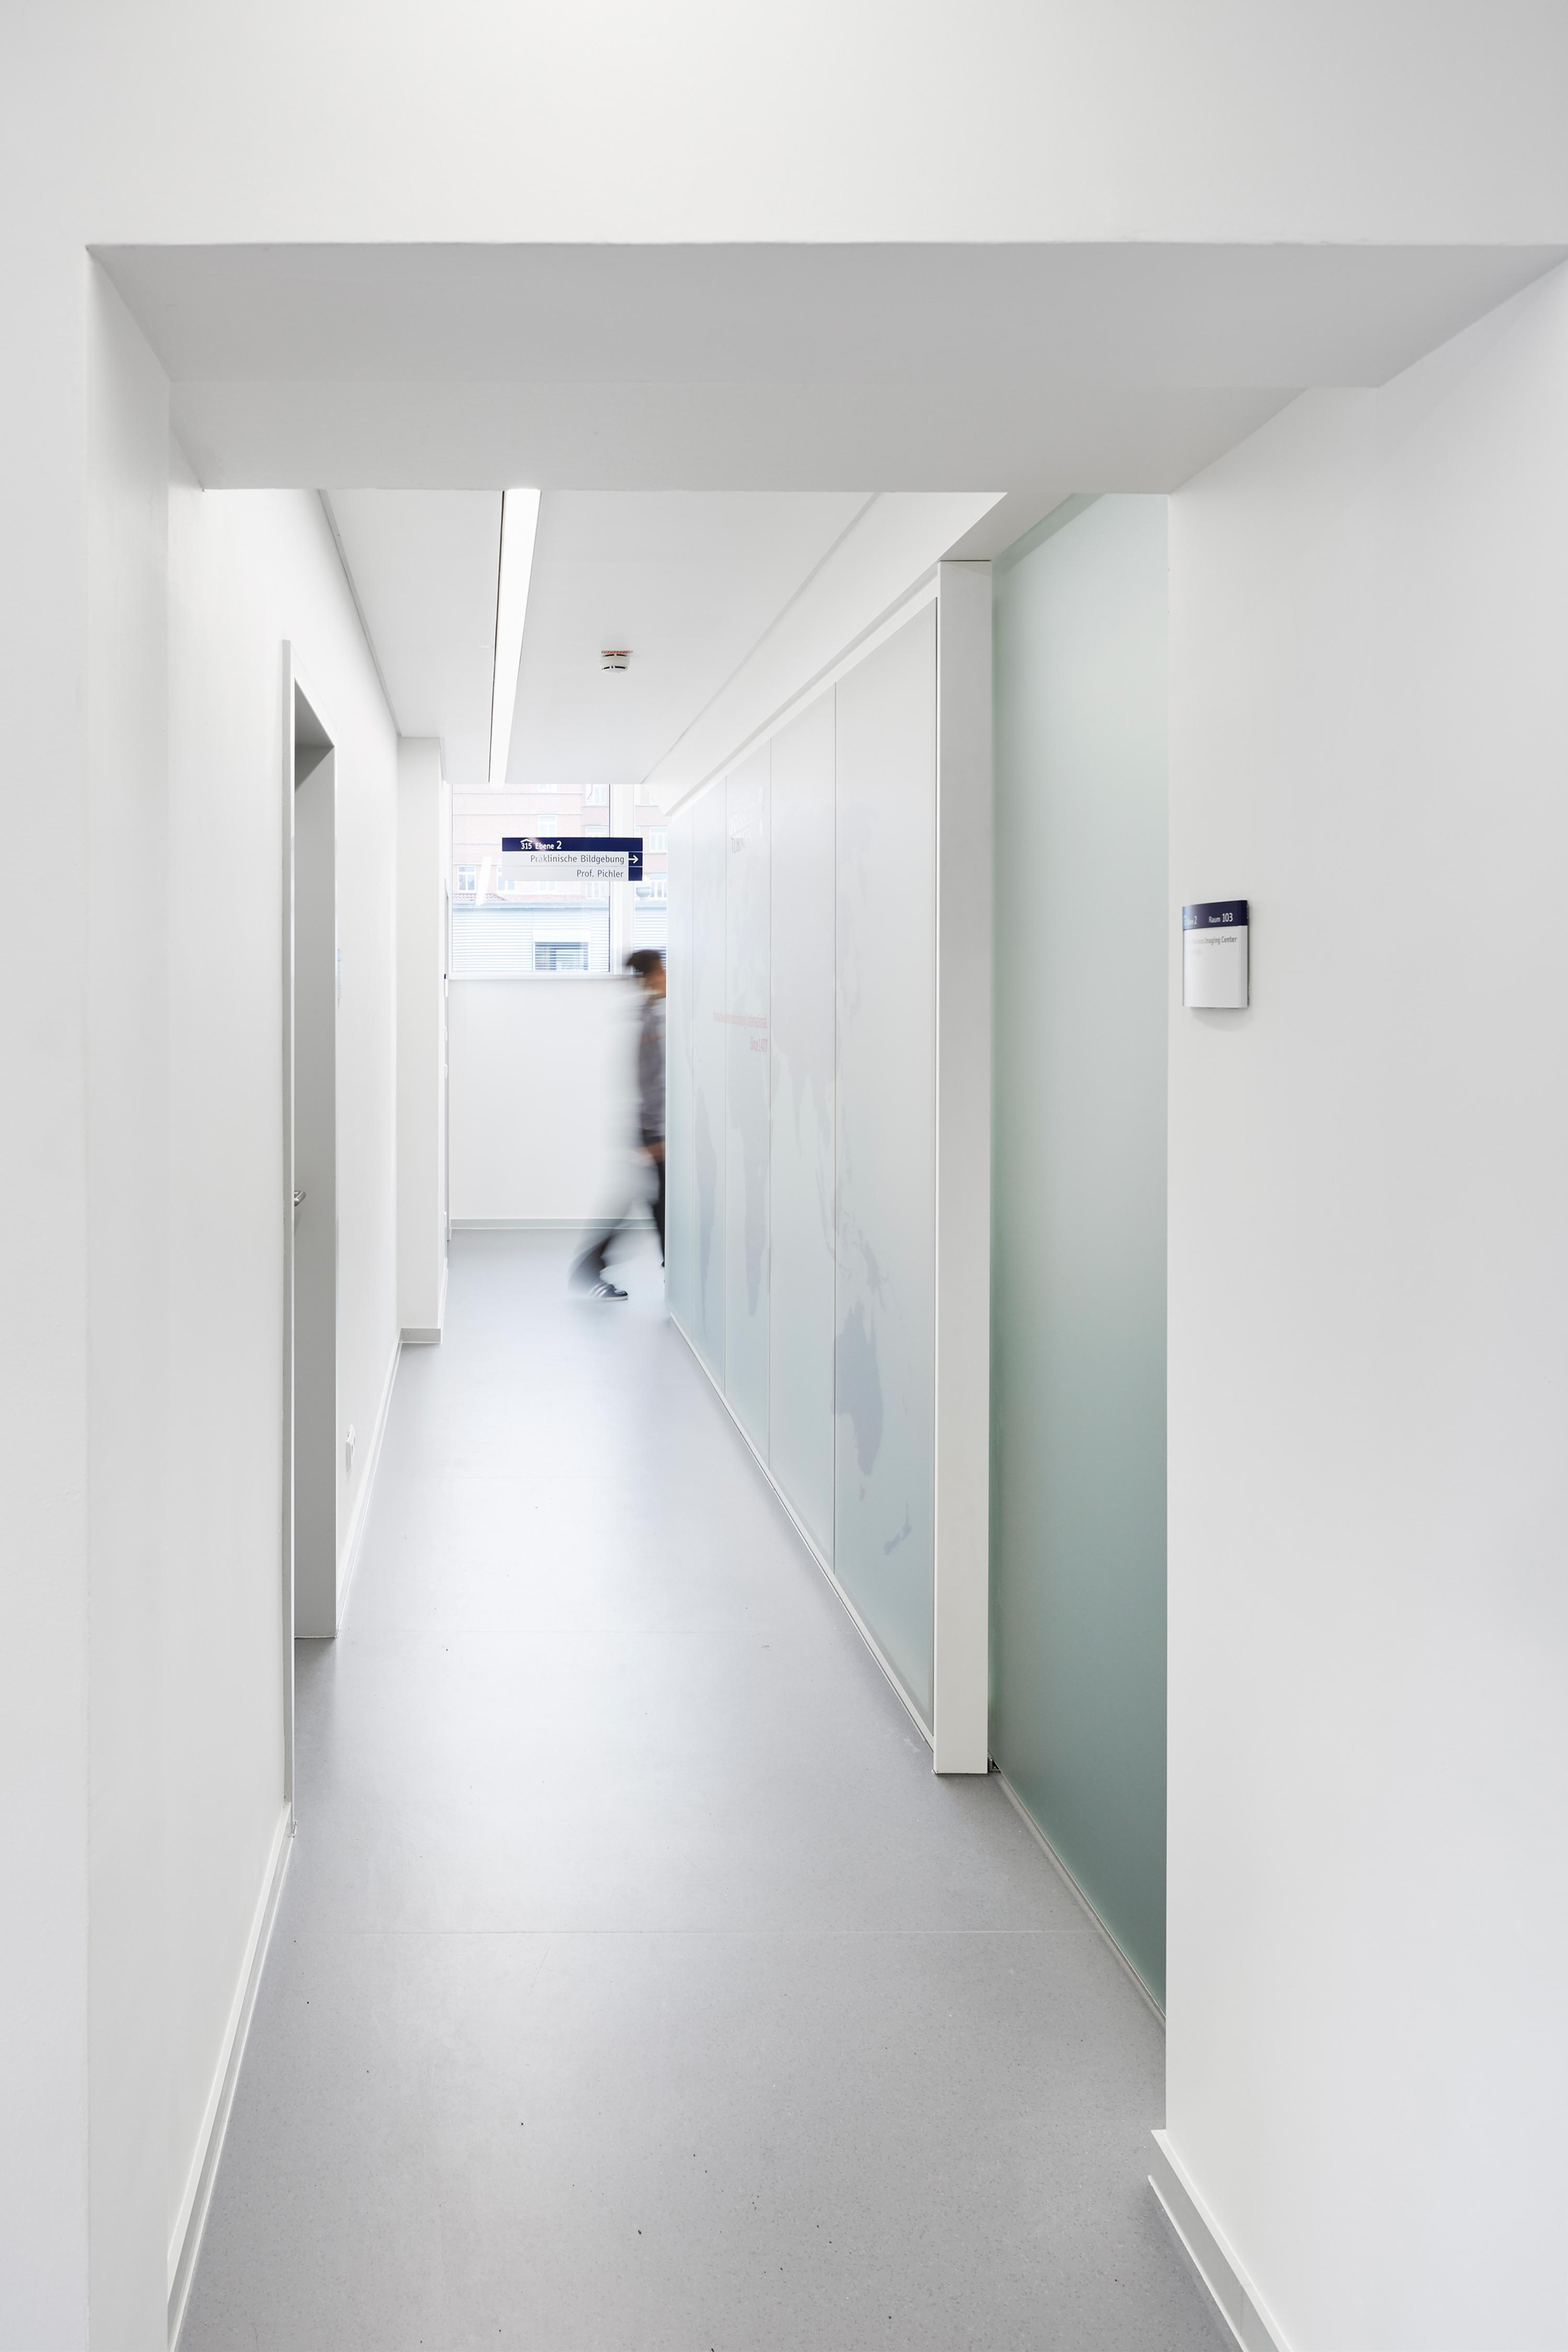 Laborgebäude für präklinische Bildgebung der Werner Siemens-Stiftung (9)